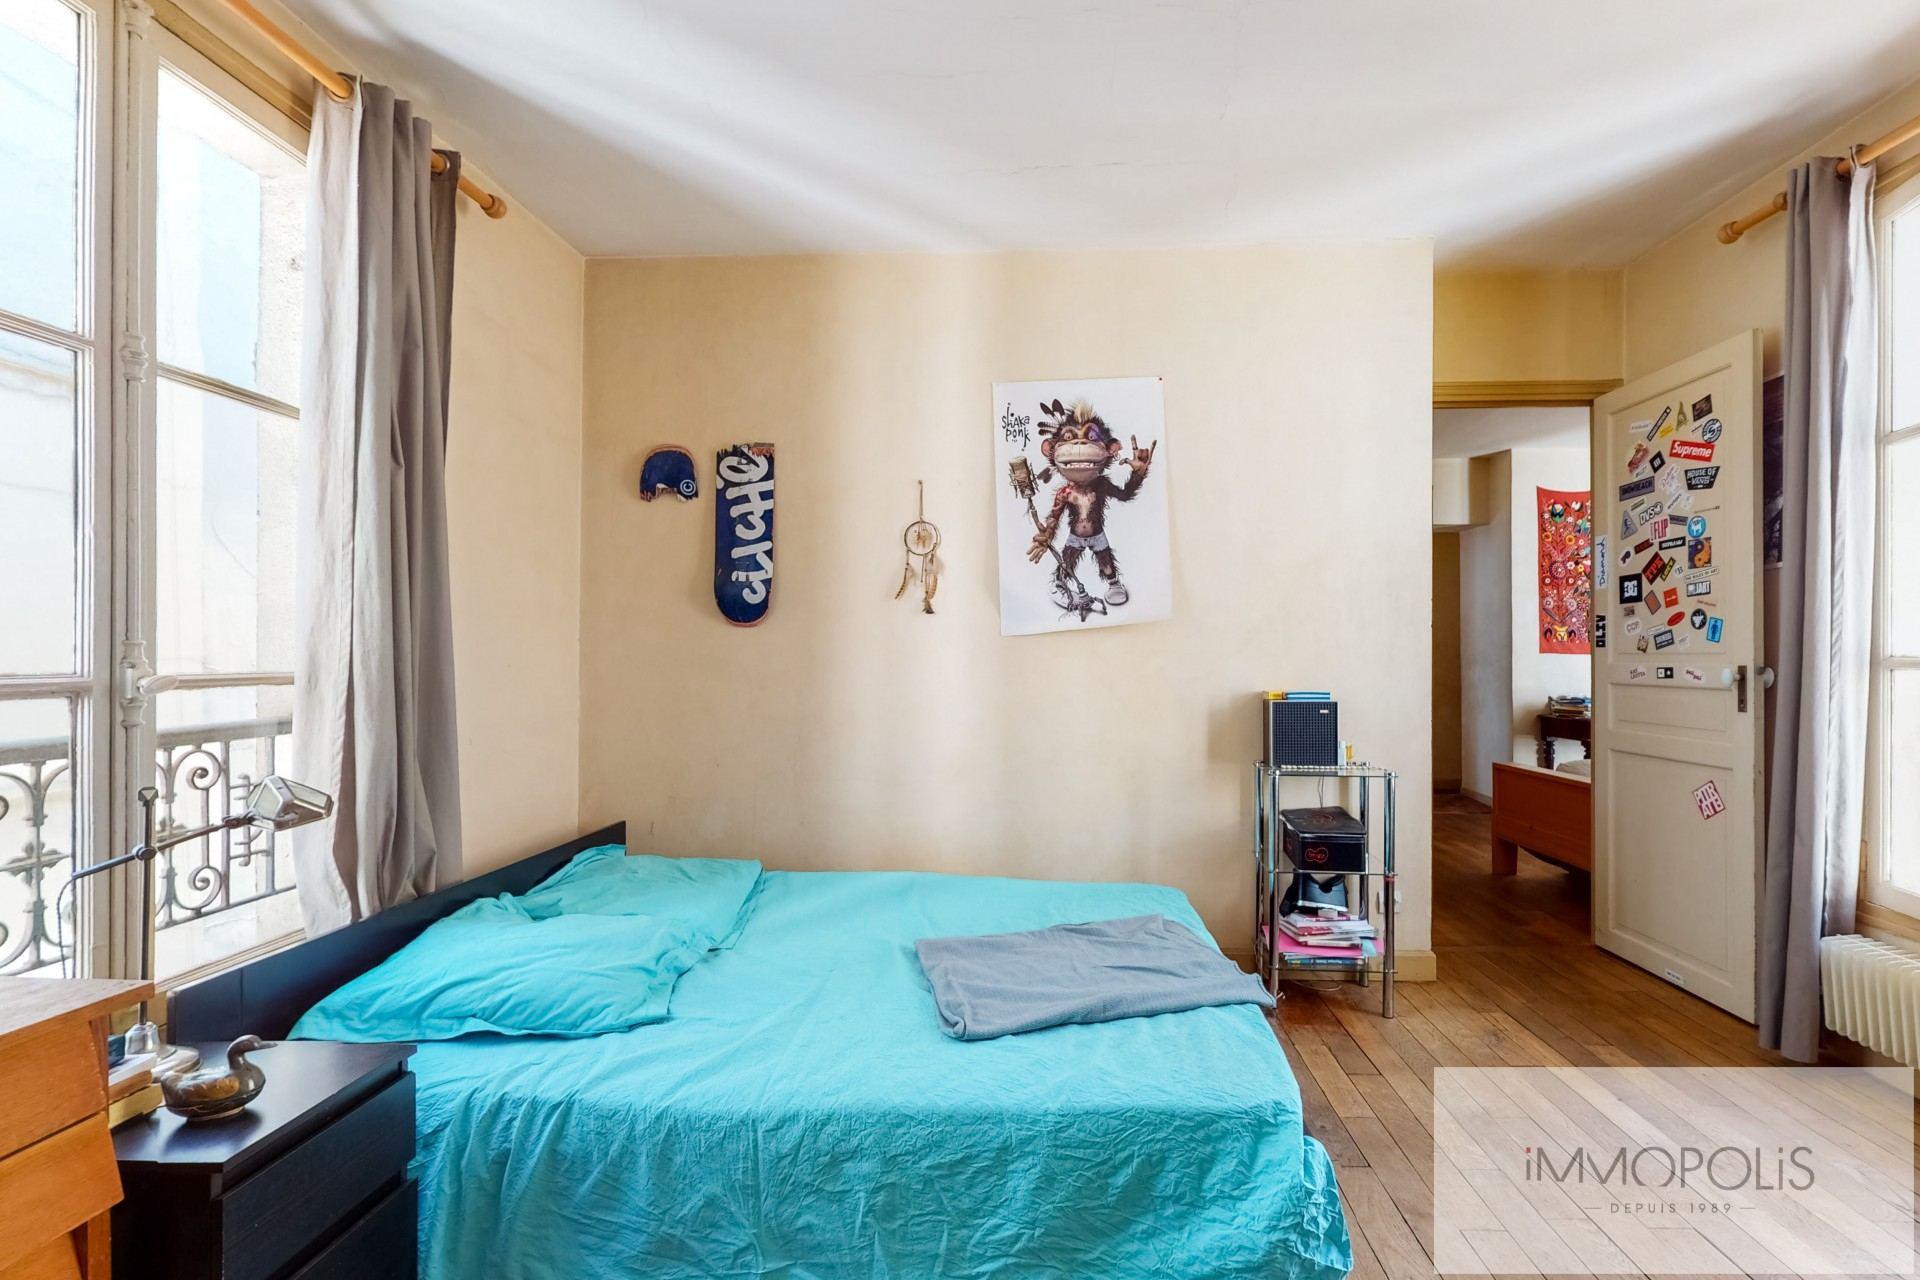 Appartement atypique, plein de charme, Rue Richard Lenoir – Paris XIème 6